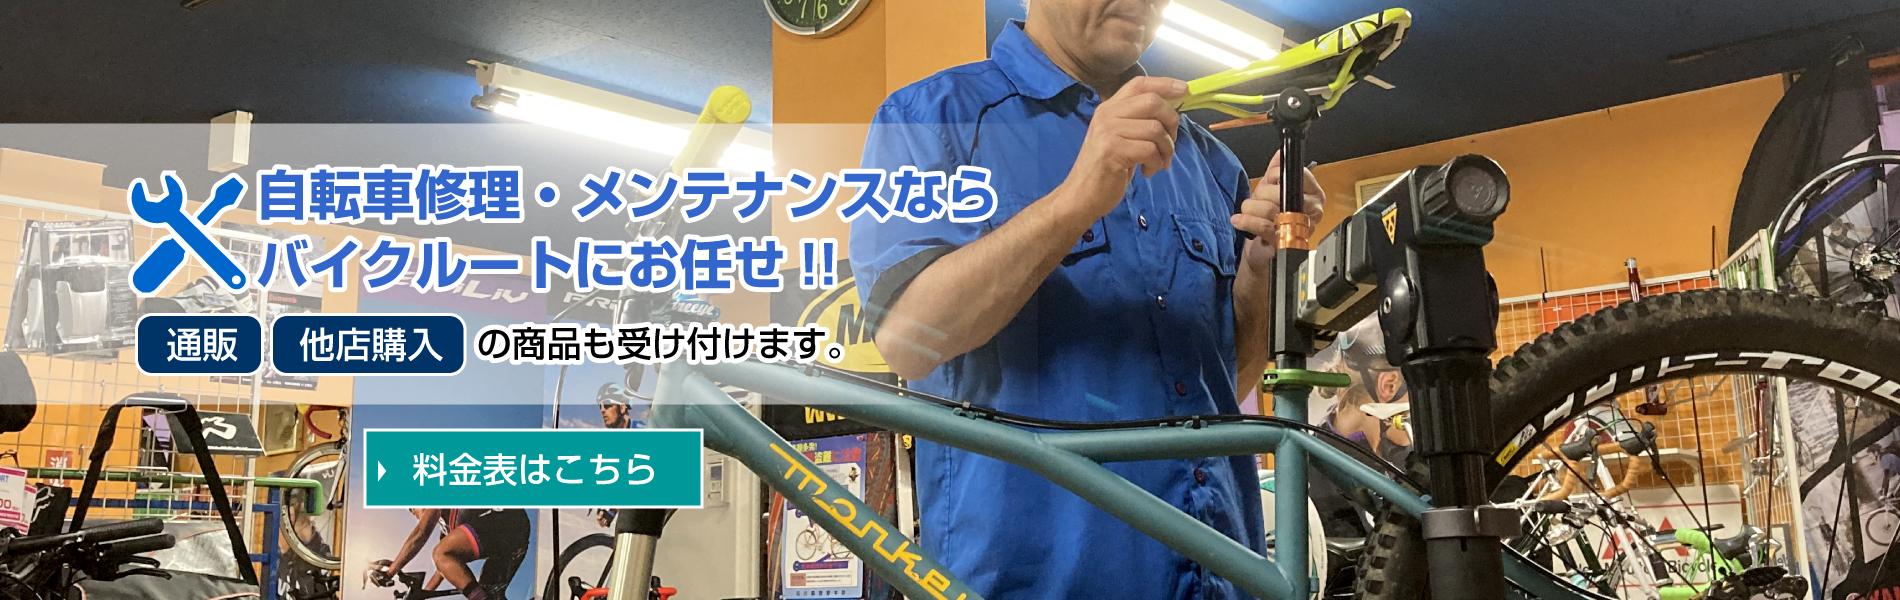 自転車修理・メンテナンスならバイクルートにお任せ!